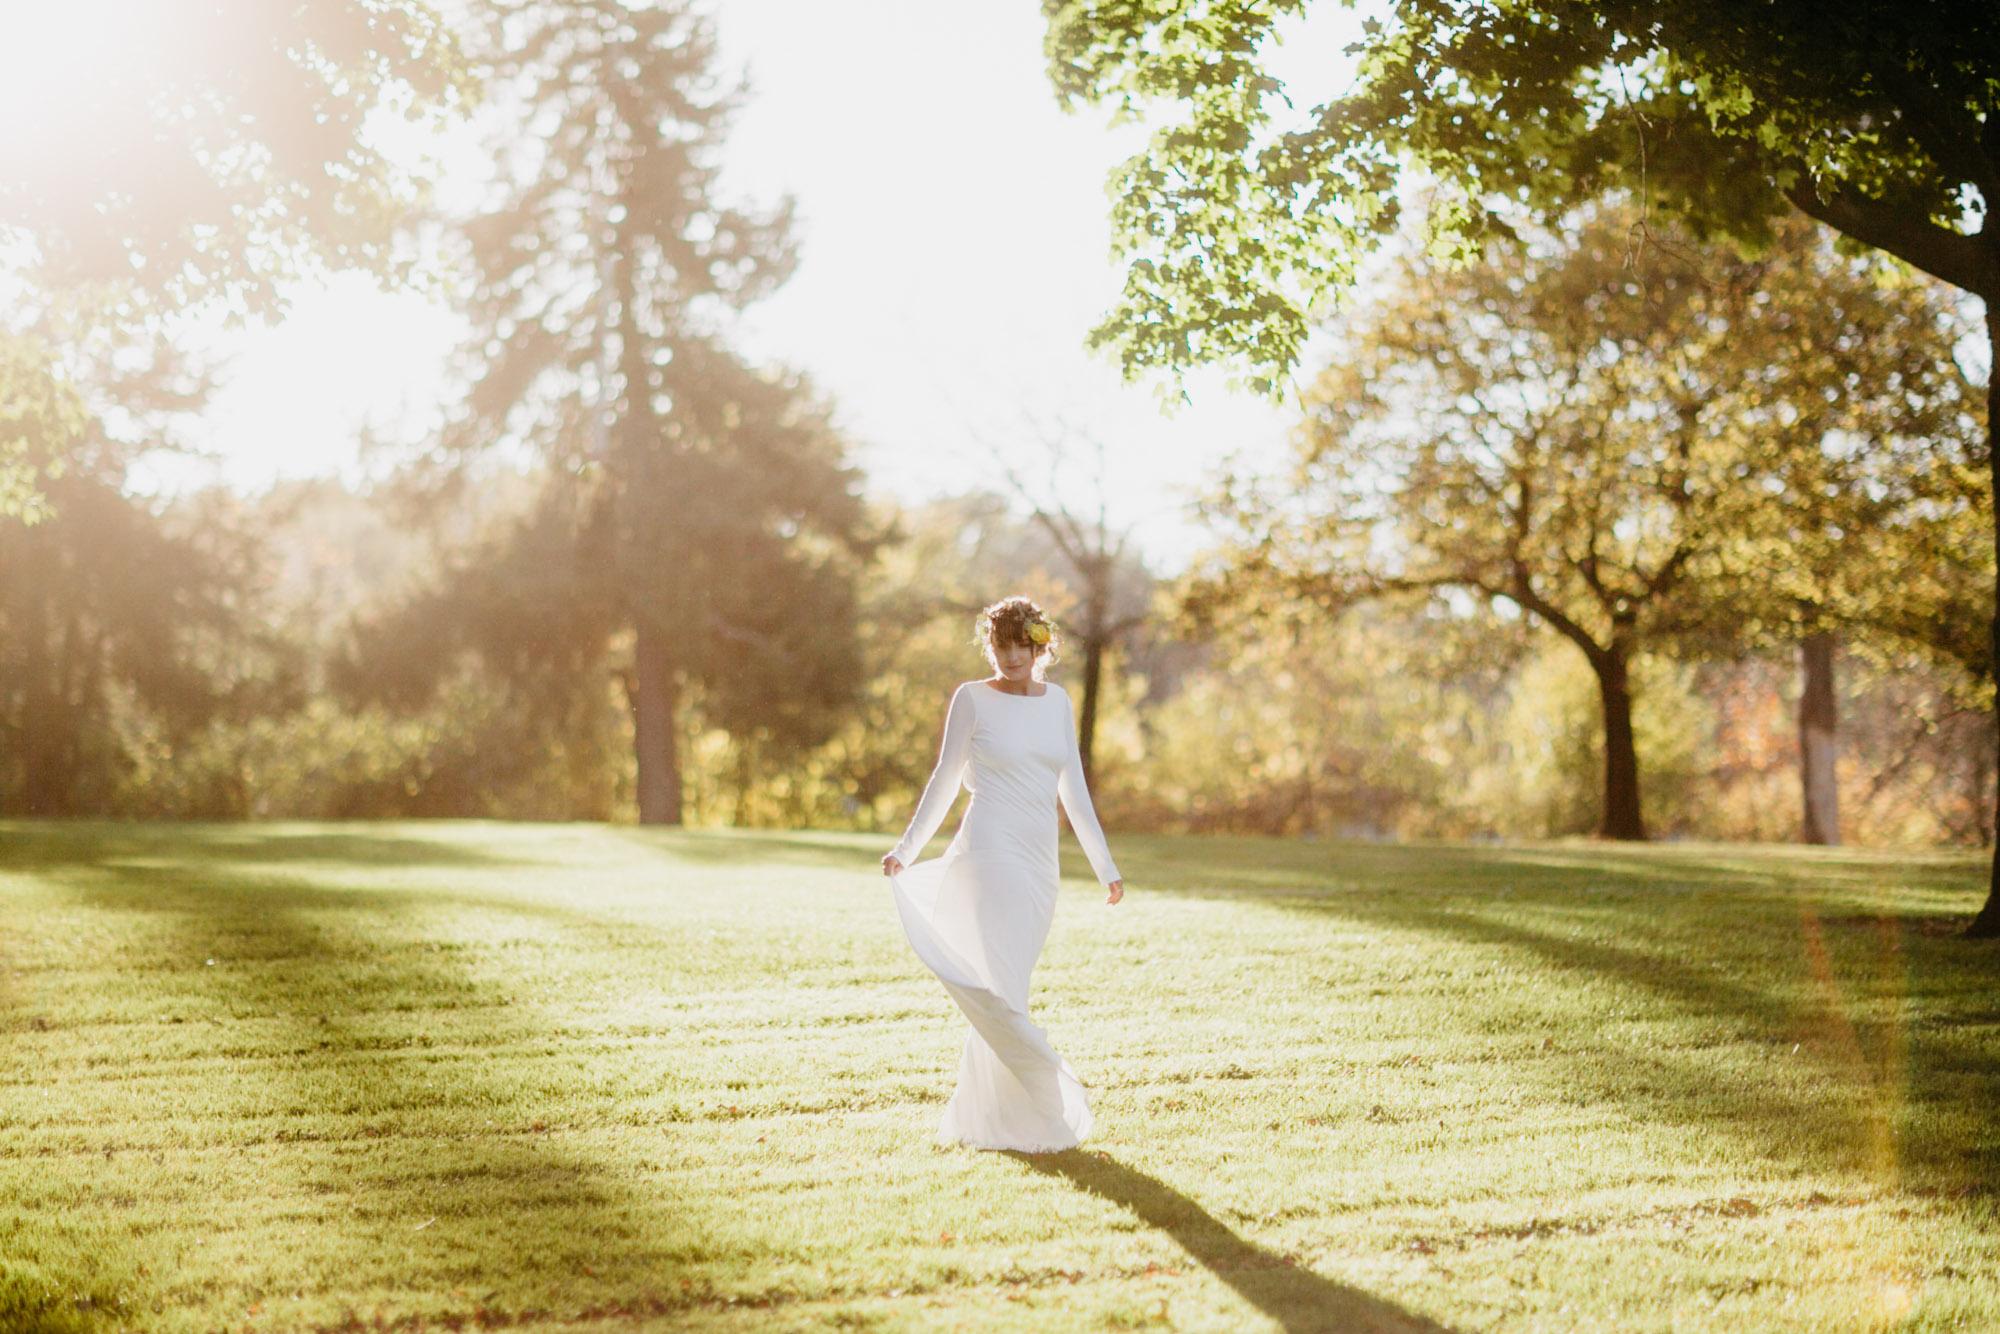 omaha-elopement-photographer-34.jpg